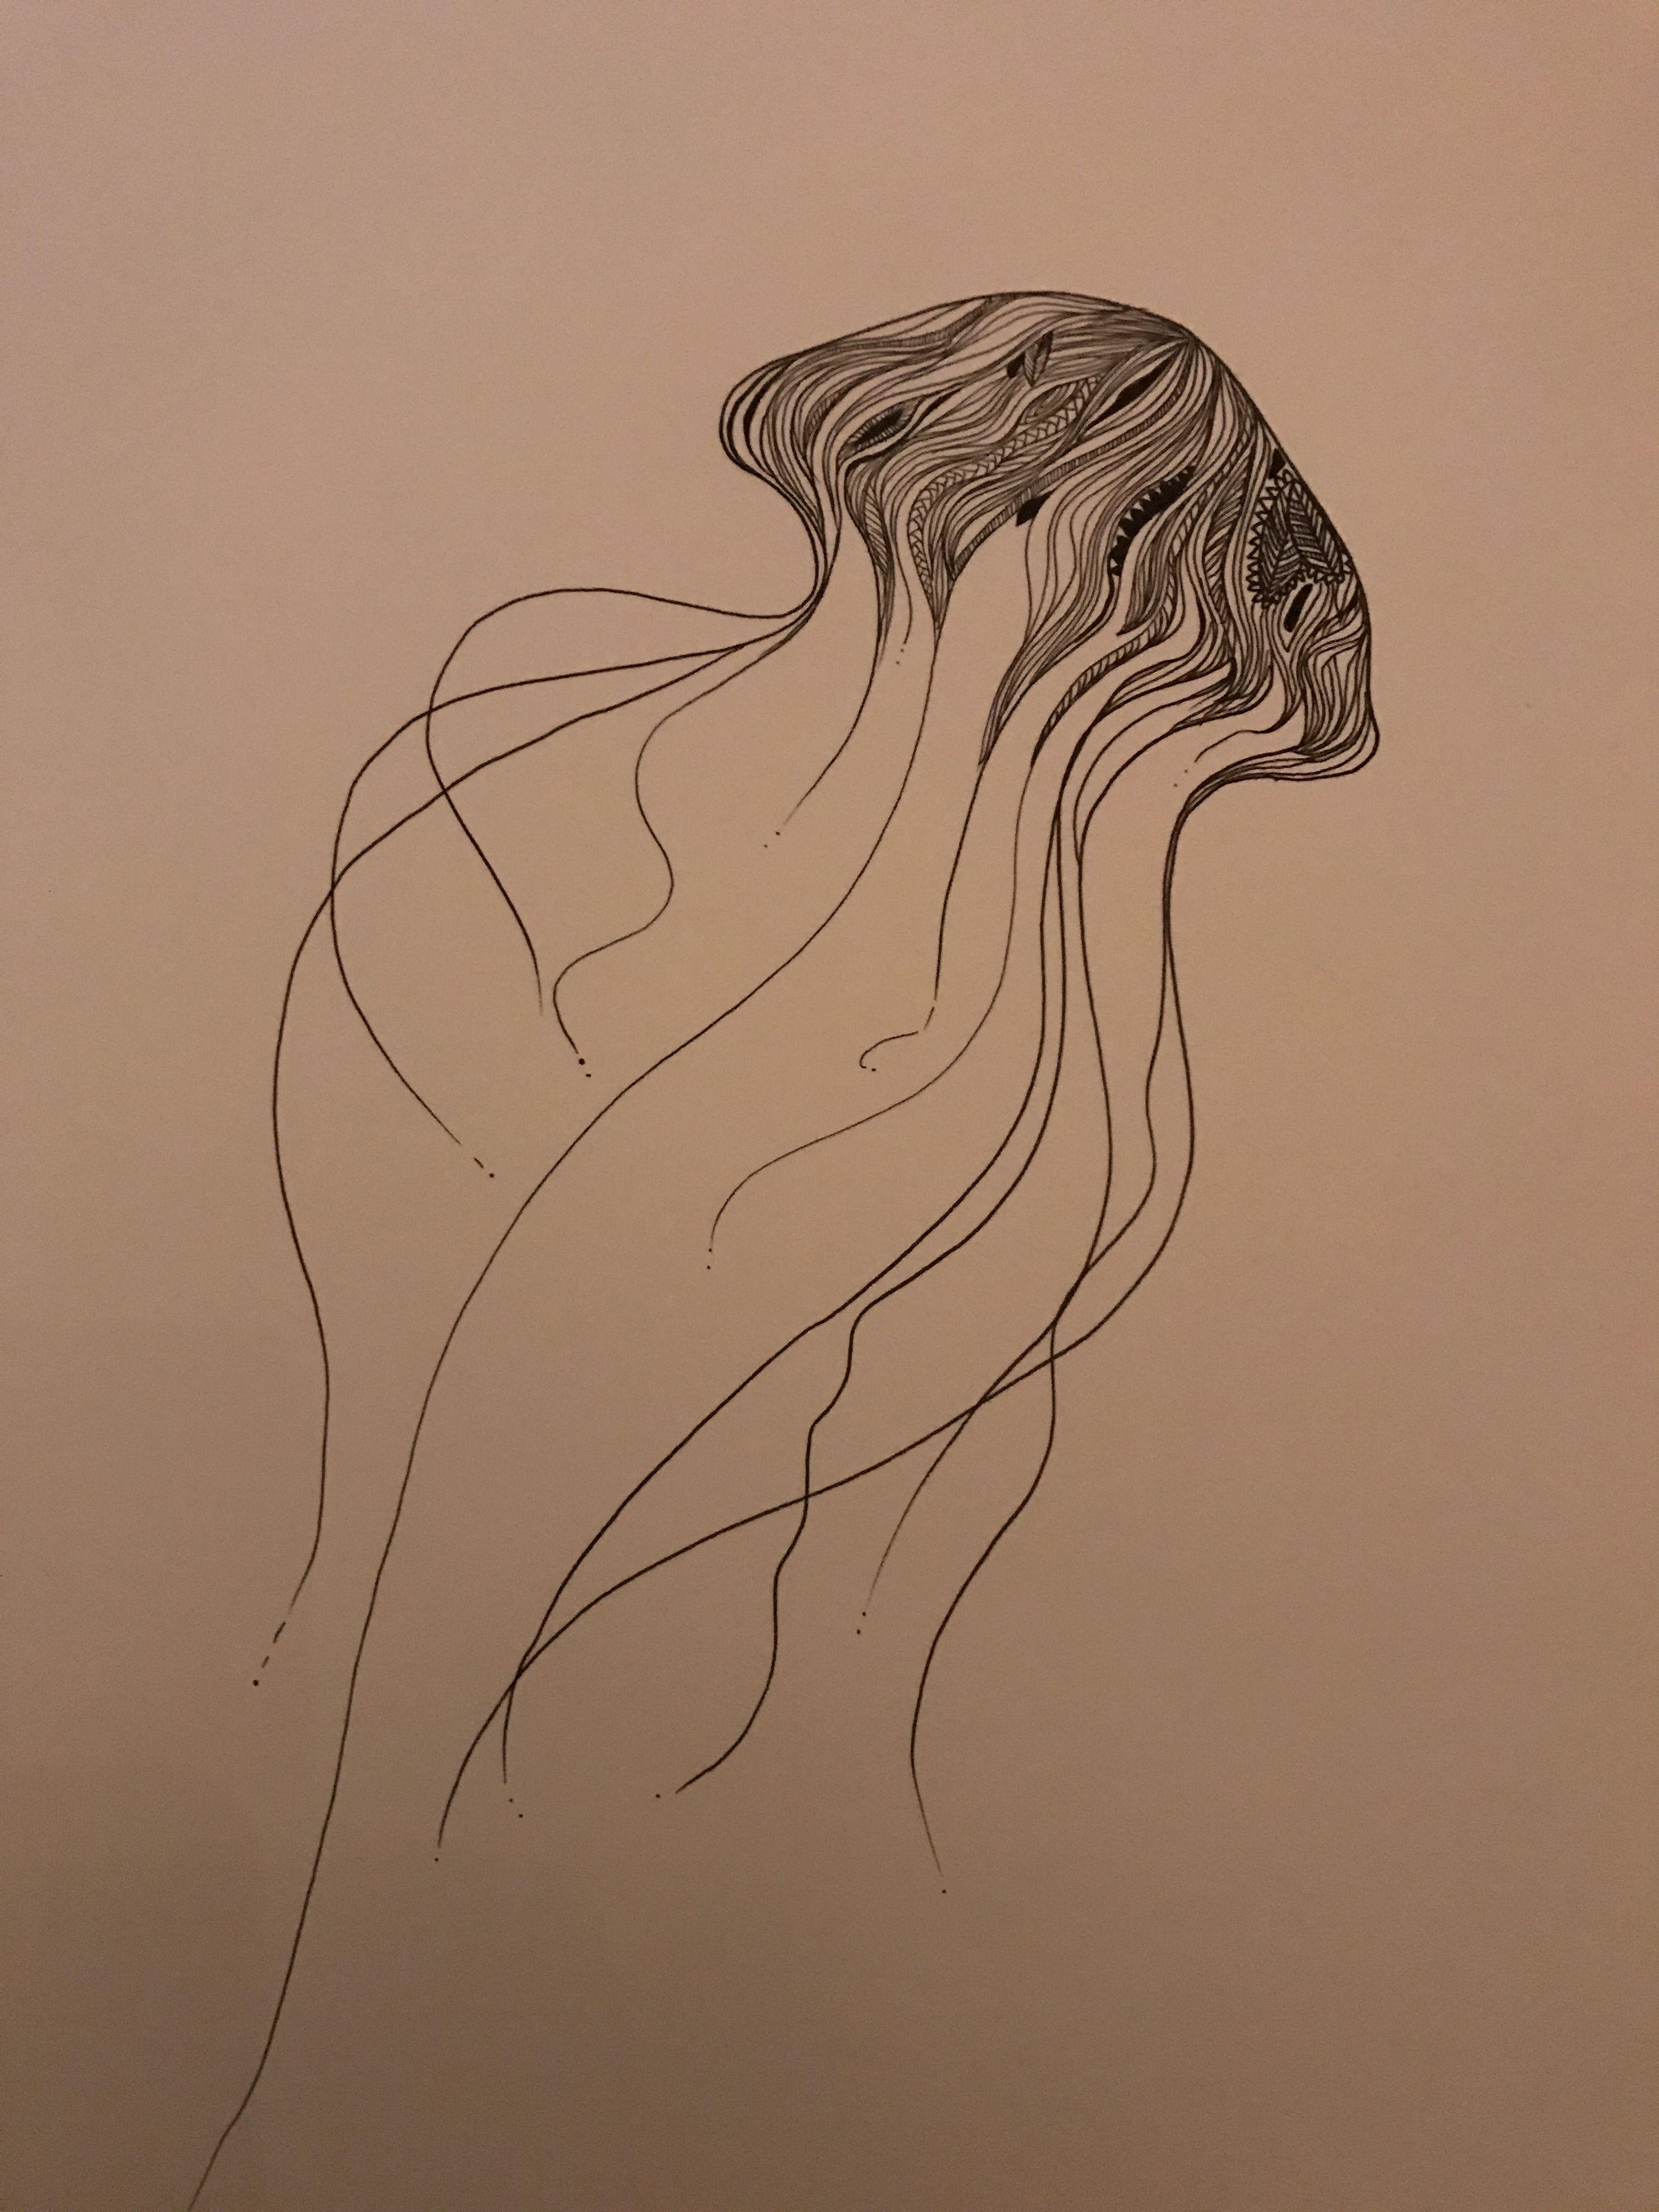 Line Drawing Jellyfish : Floaty jellyfish drawing sztuka